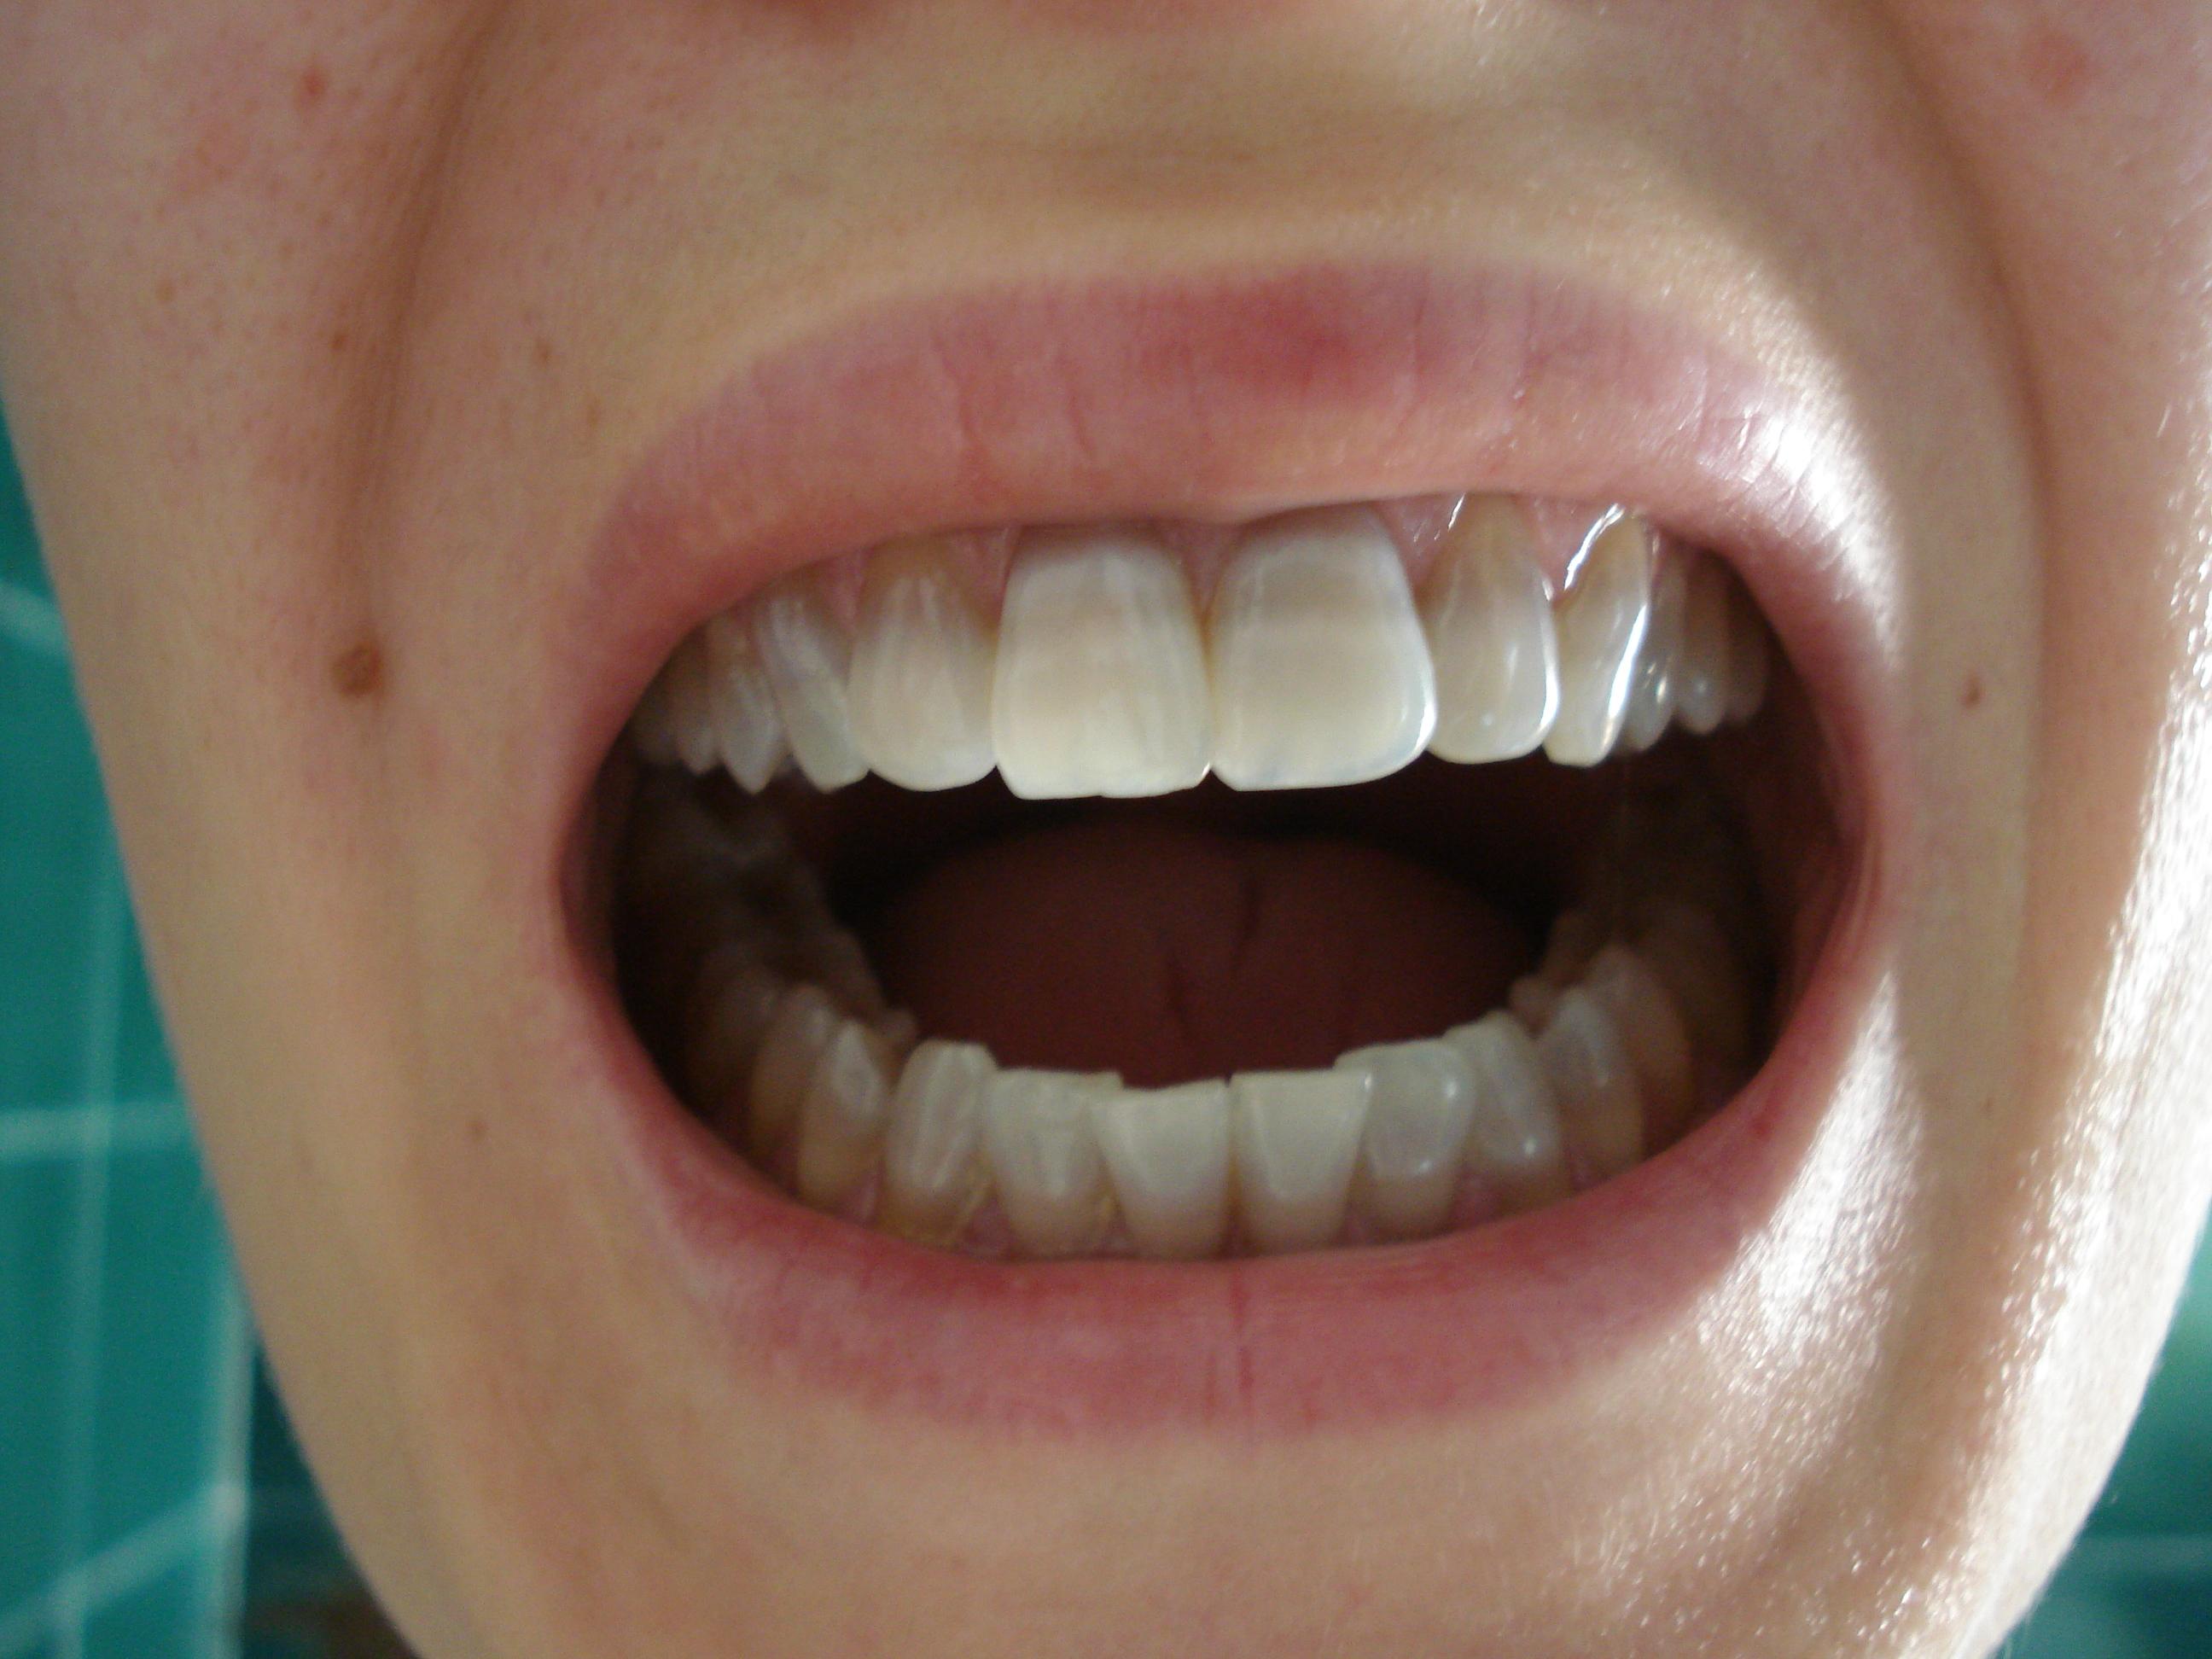 Seguito alla domanda: Ho i denti di colore grigio rovinati dagli antibiotici presi da piccola